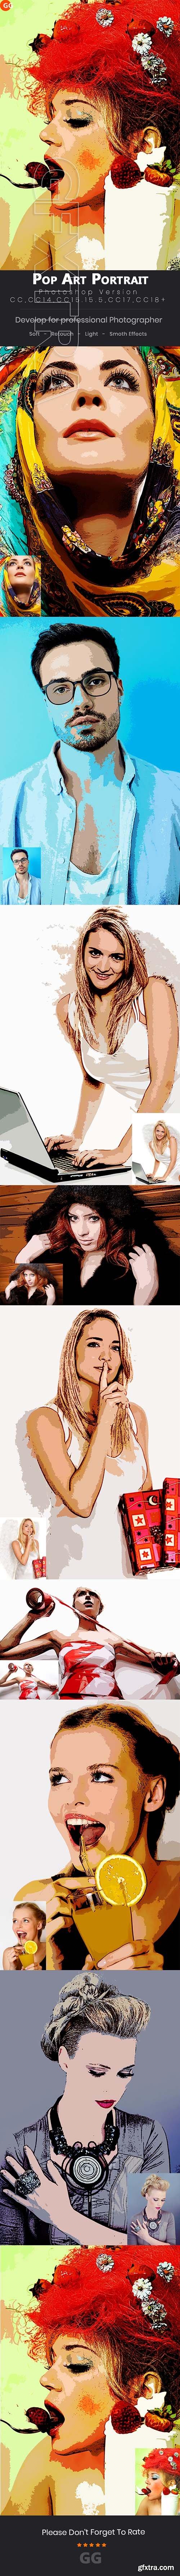 GraphicRiver - 10 Pop Art Portraits Photoshop Action 22042646